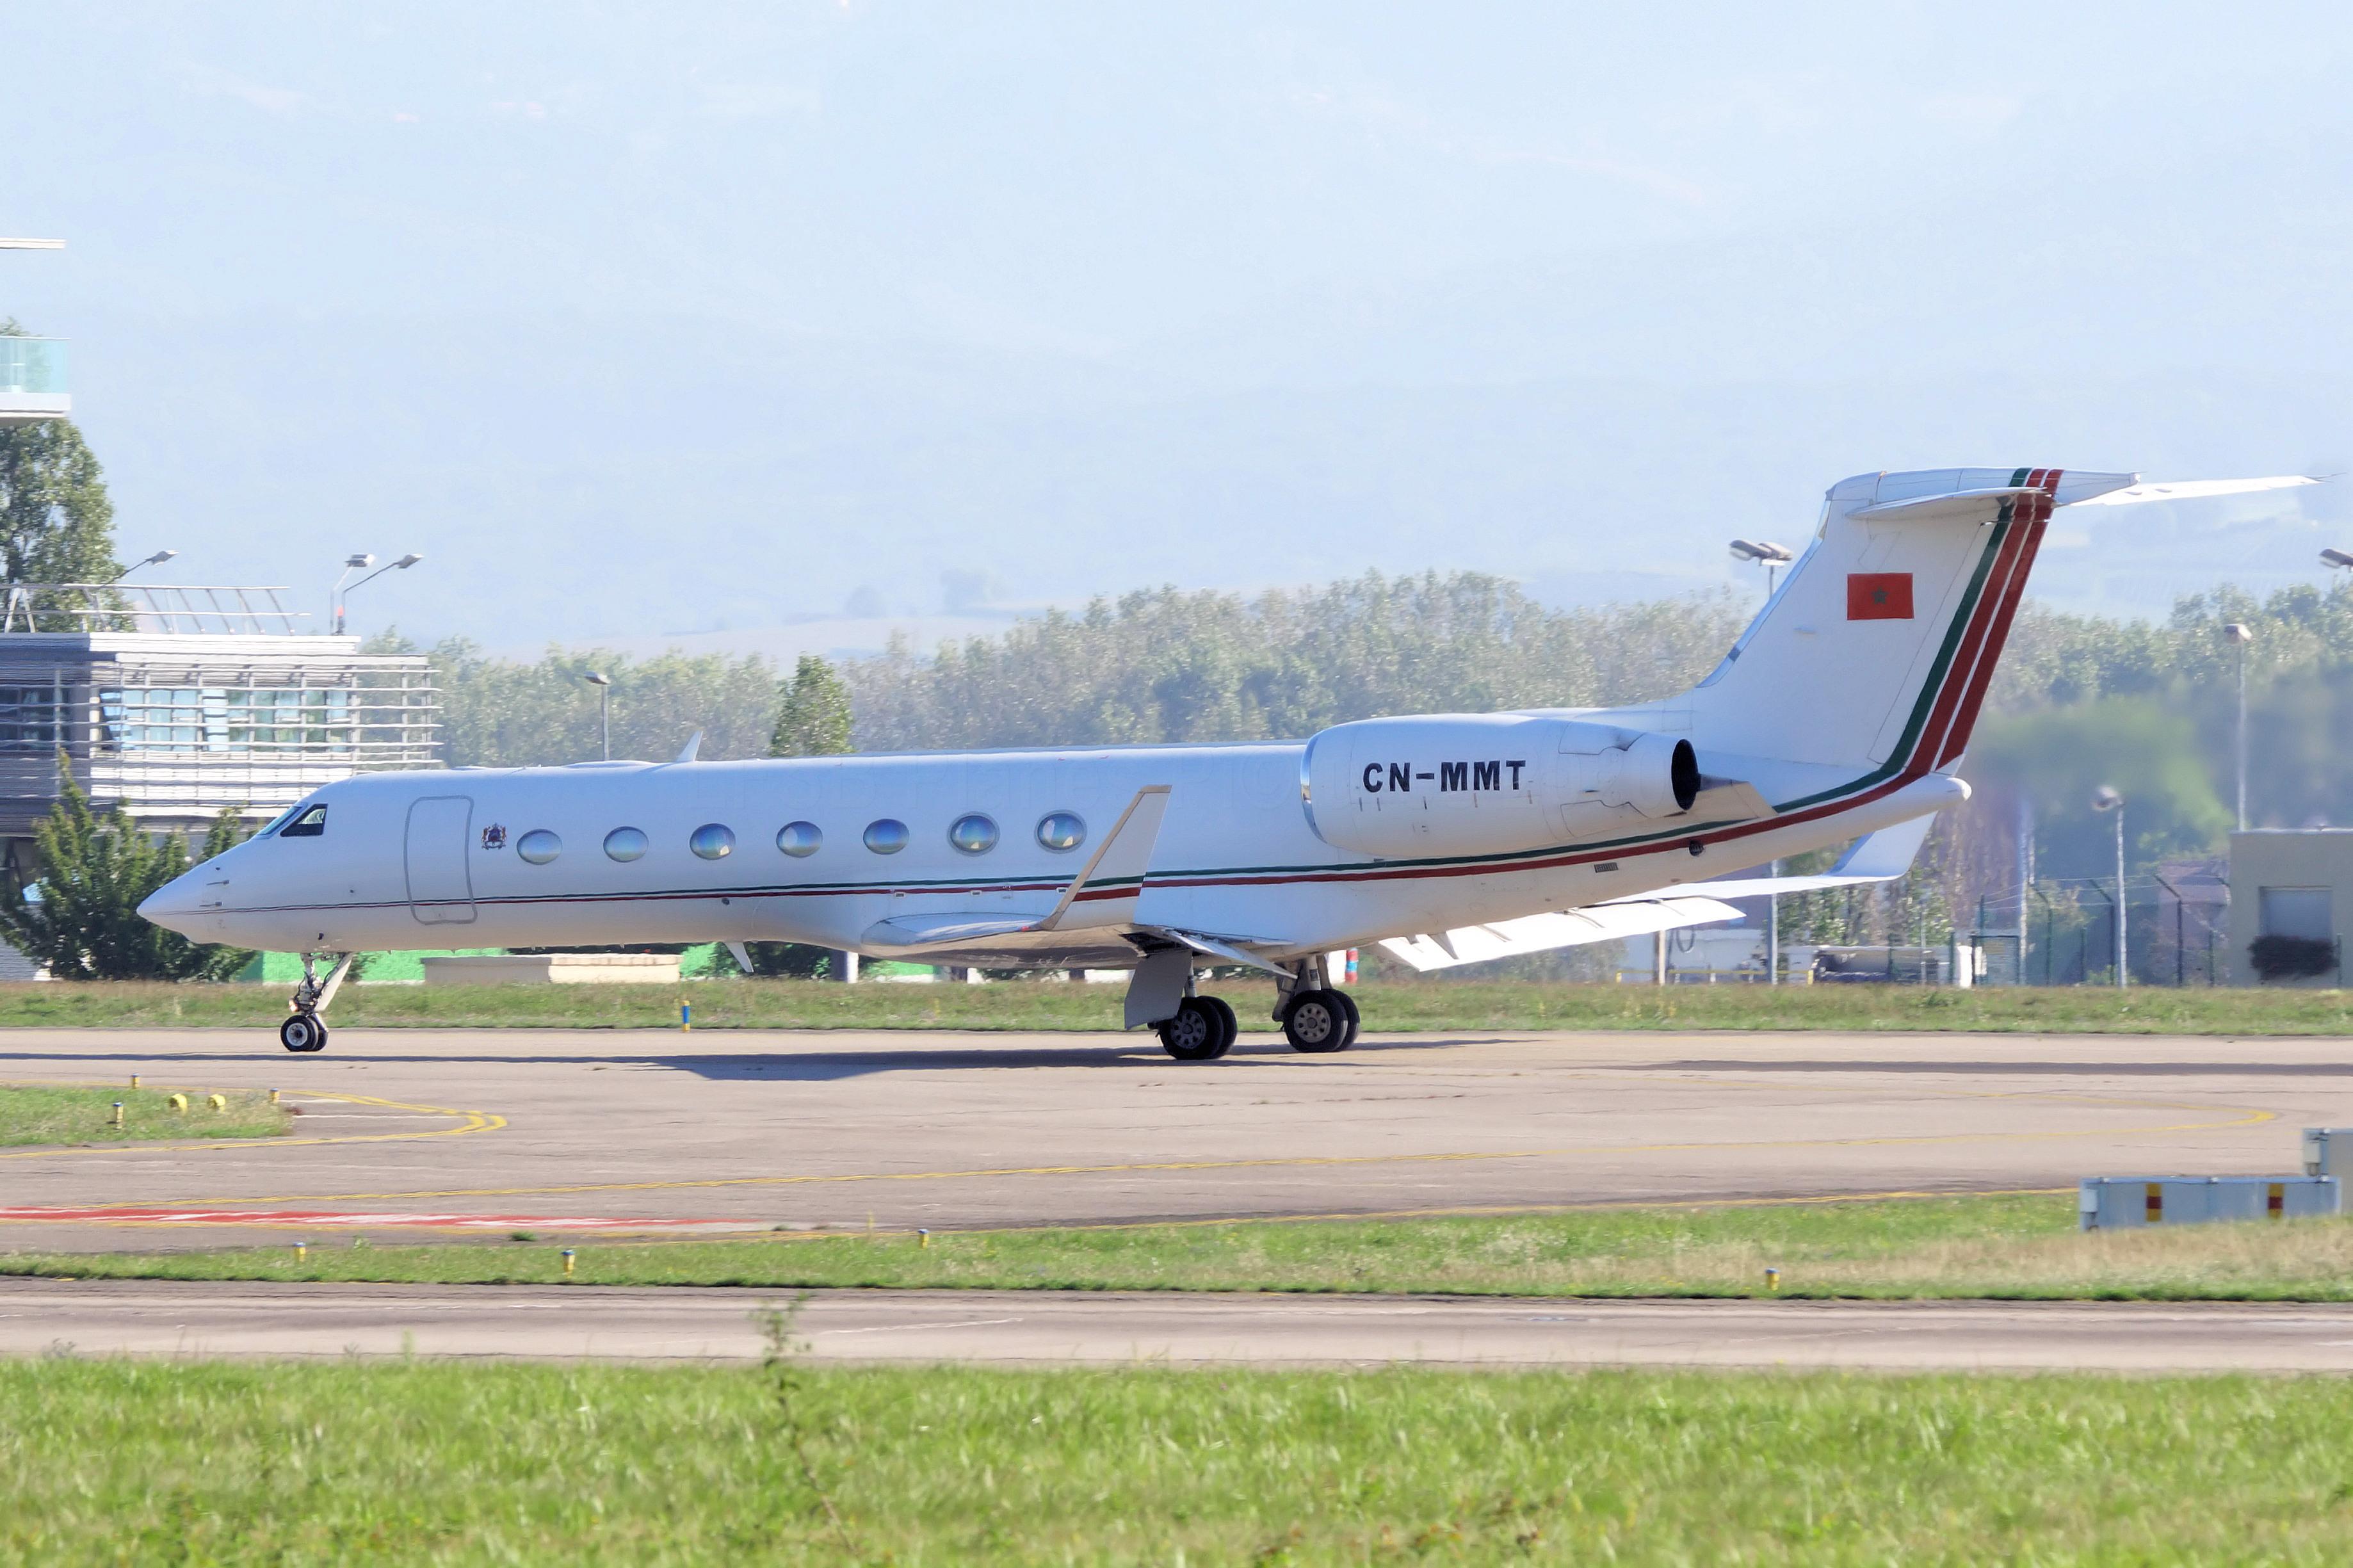 FRA: Avions VIP, Liaison & ECM - Page 25 50329506896_b04a86530d_o_d